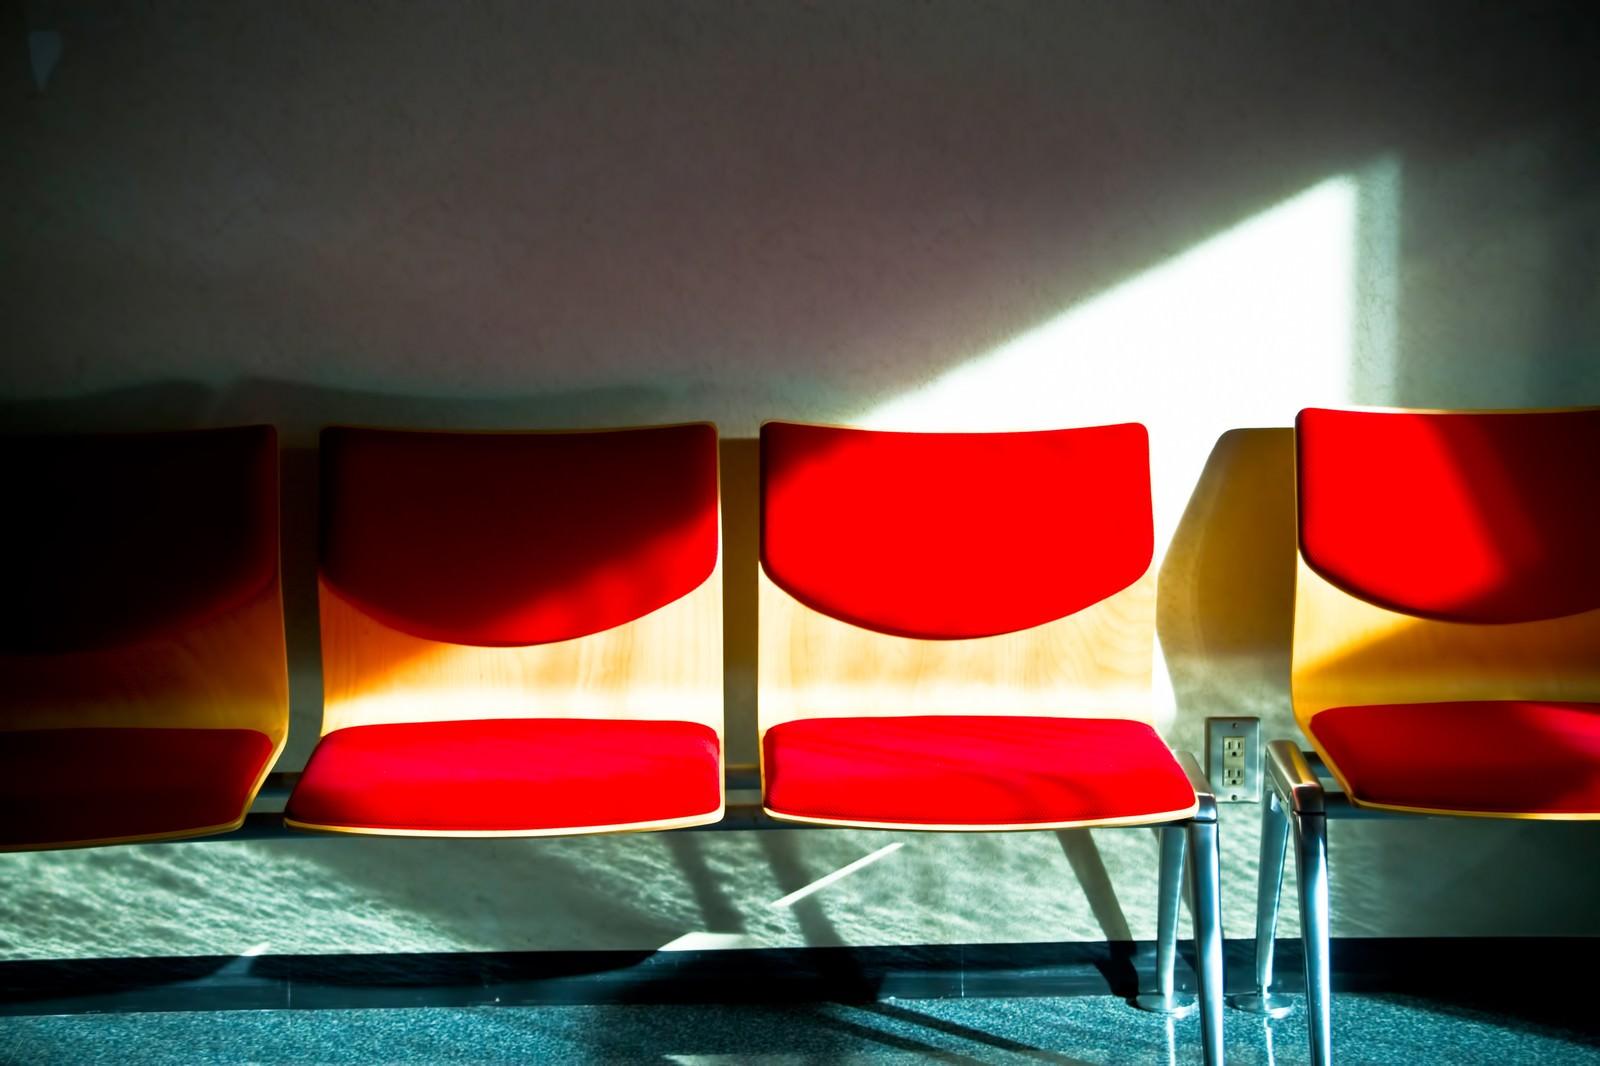 「無機質な赤いベンチ」の写真